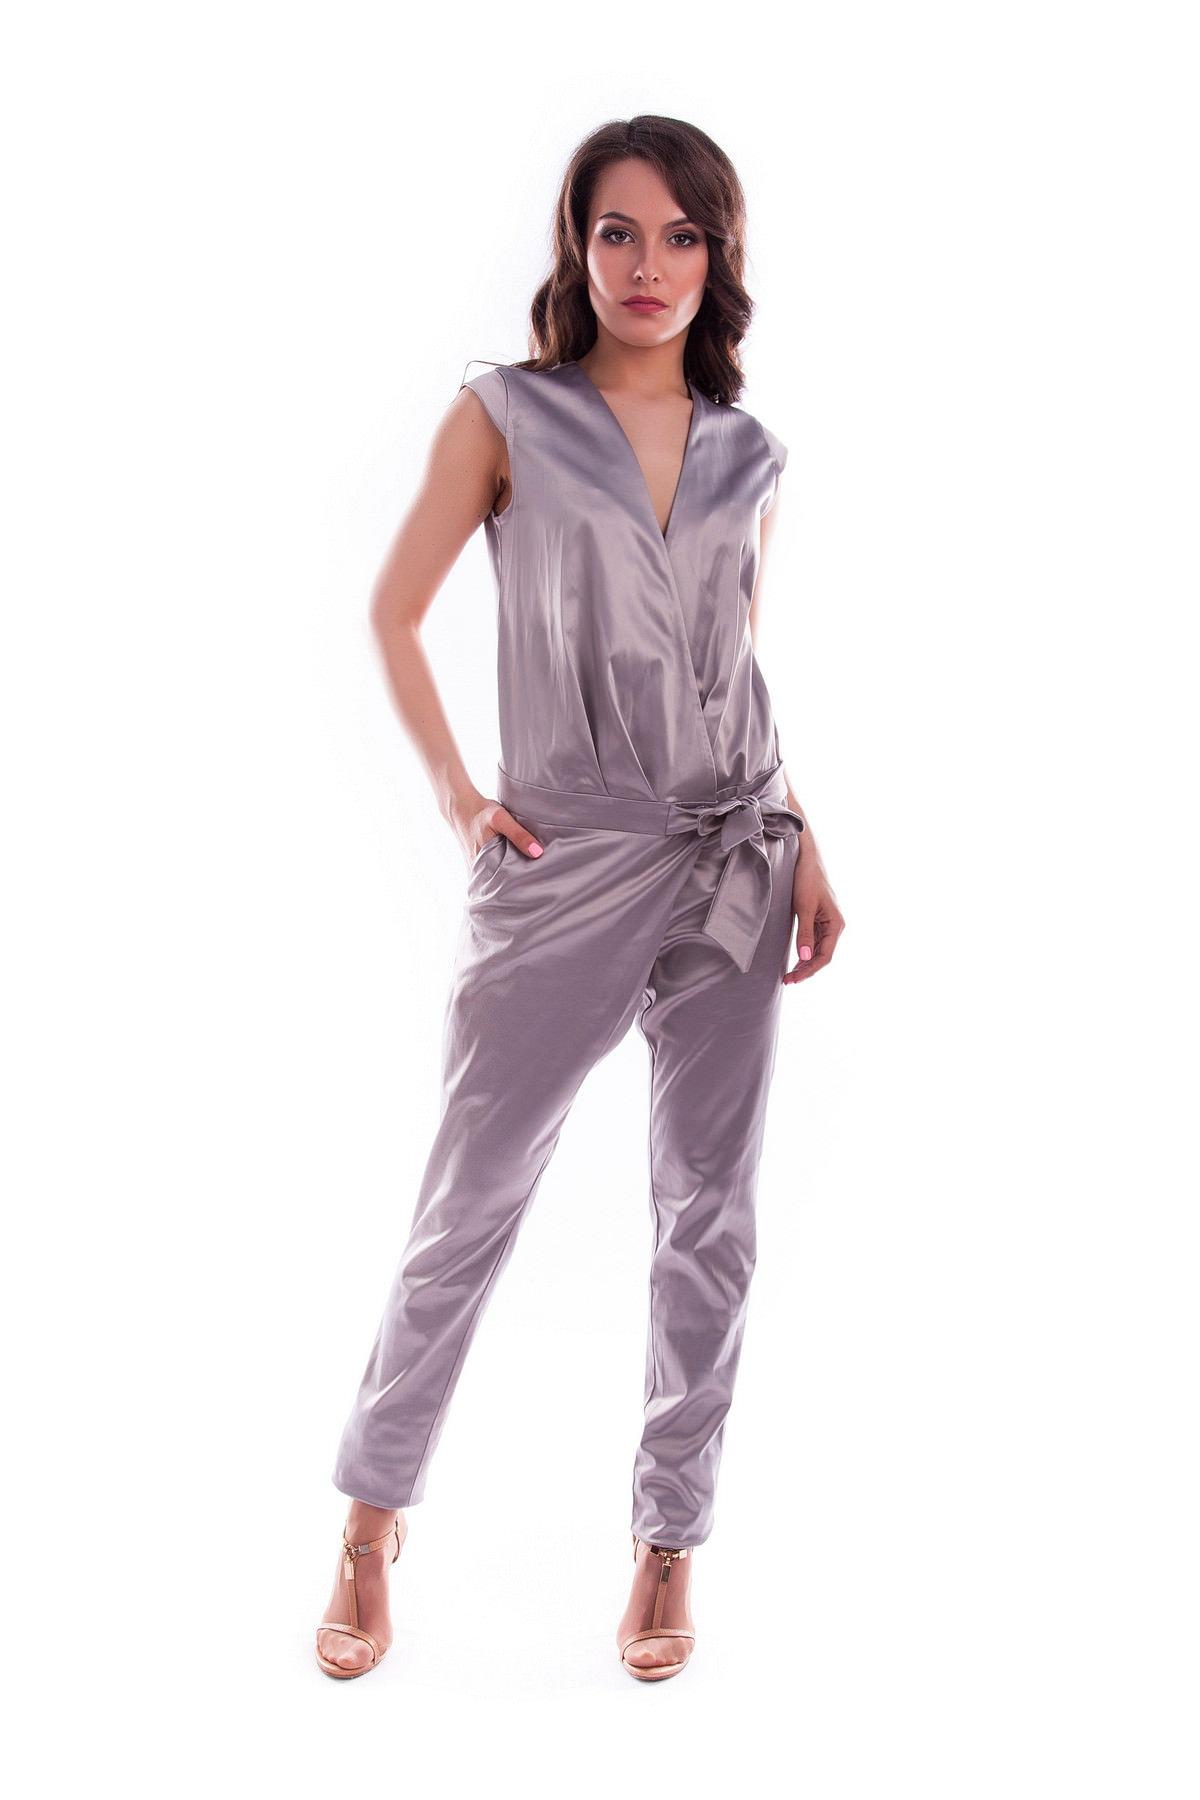 Купить оптом комбинезон от производителя Комбинезон Клео брюки